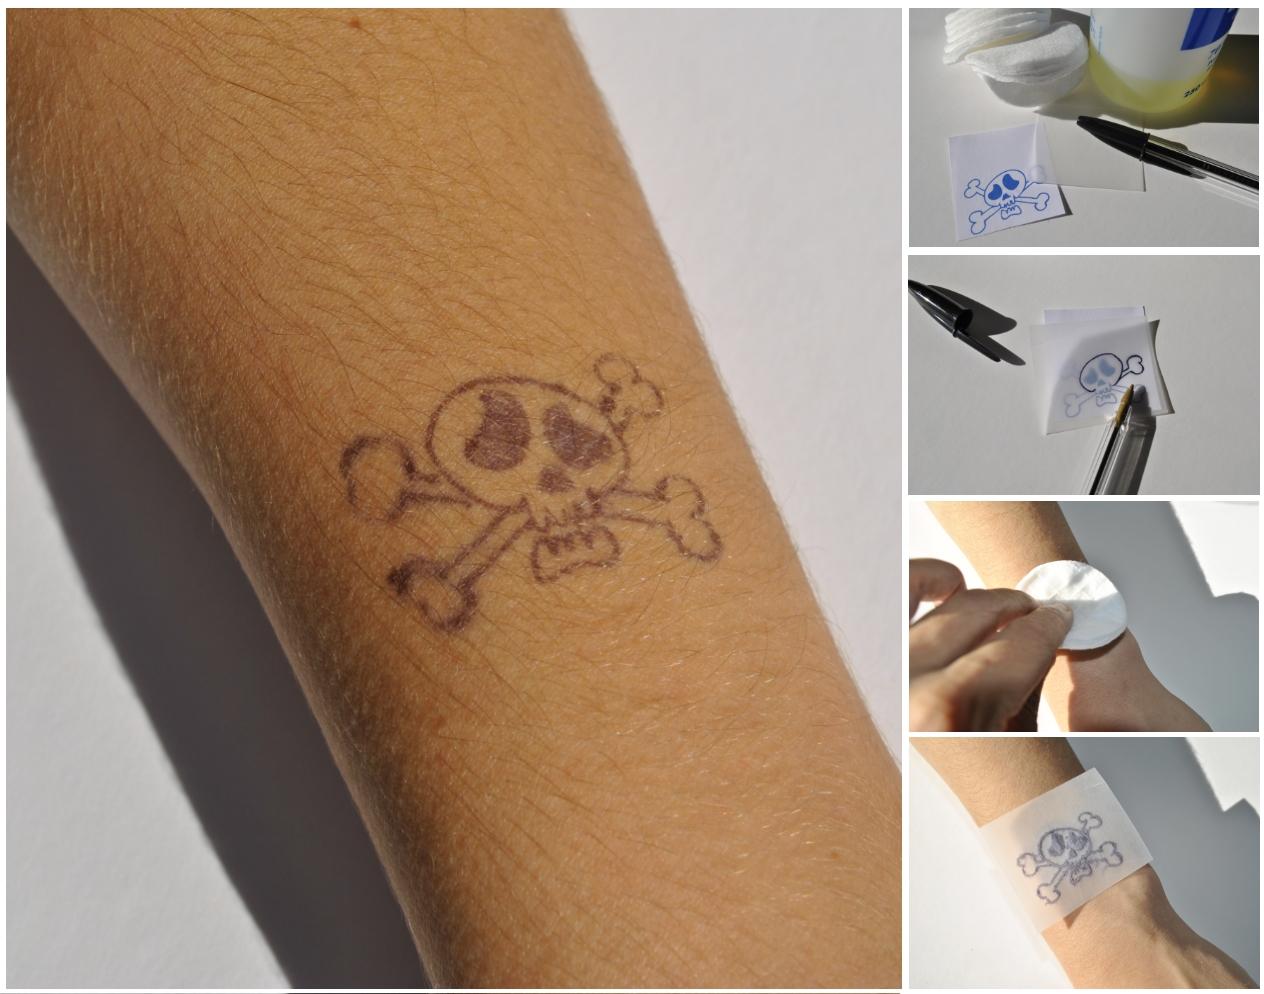 resultat tatouage 10 jours